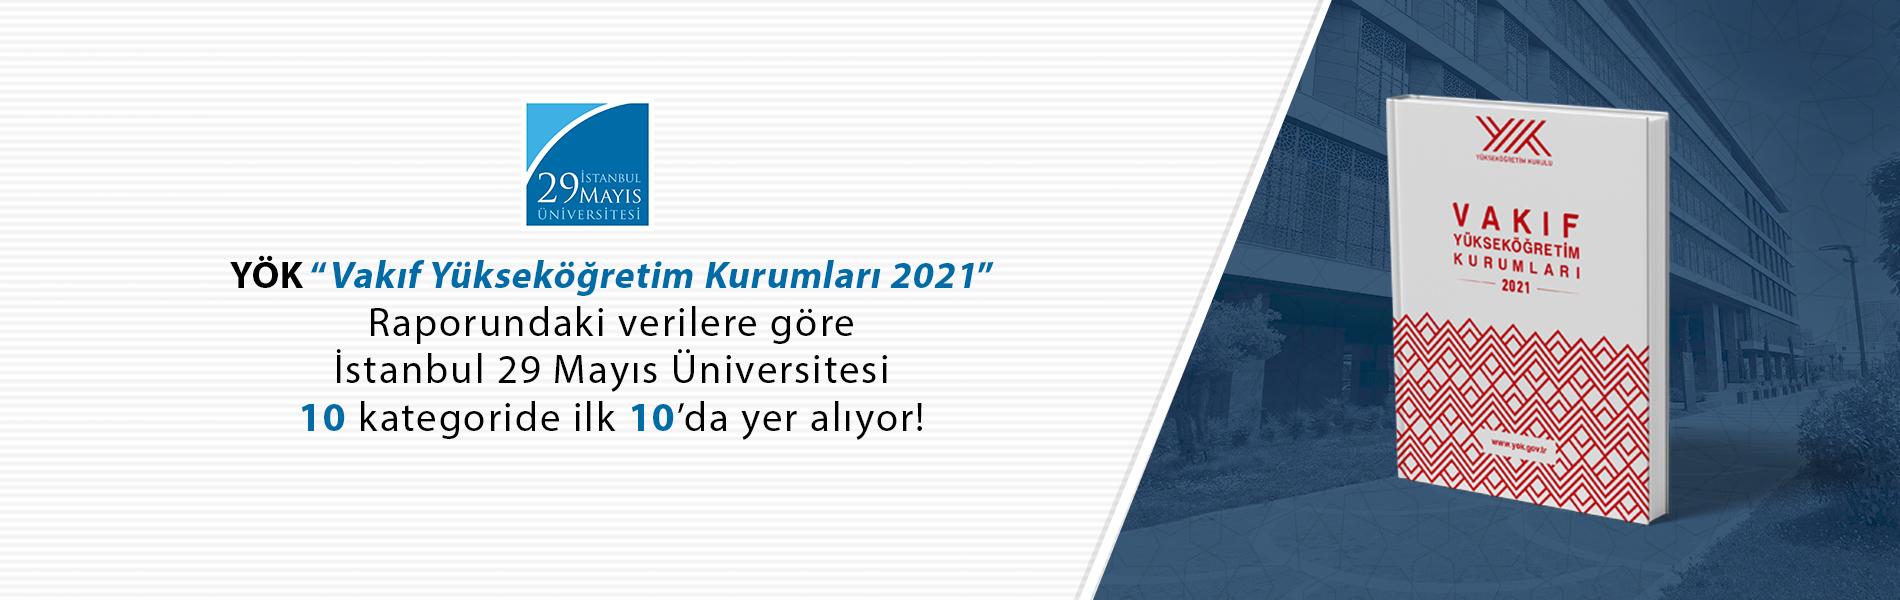 """YÖK  """"Vakıf Yüksek Öğretim Kurumları 2021"""" Raporuna Göre İstanbul 29 Mayıs Üniversitesi 10 Kategoride ilk 10'da Yer Alıyor"""